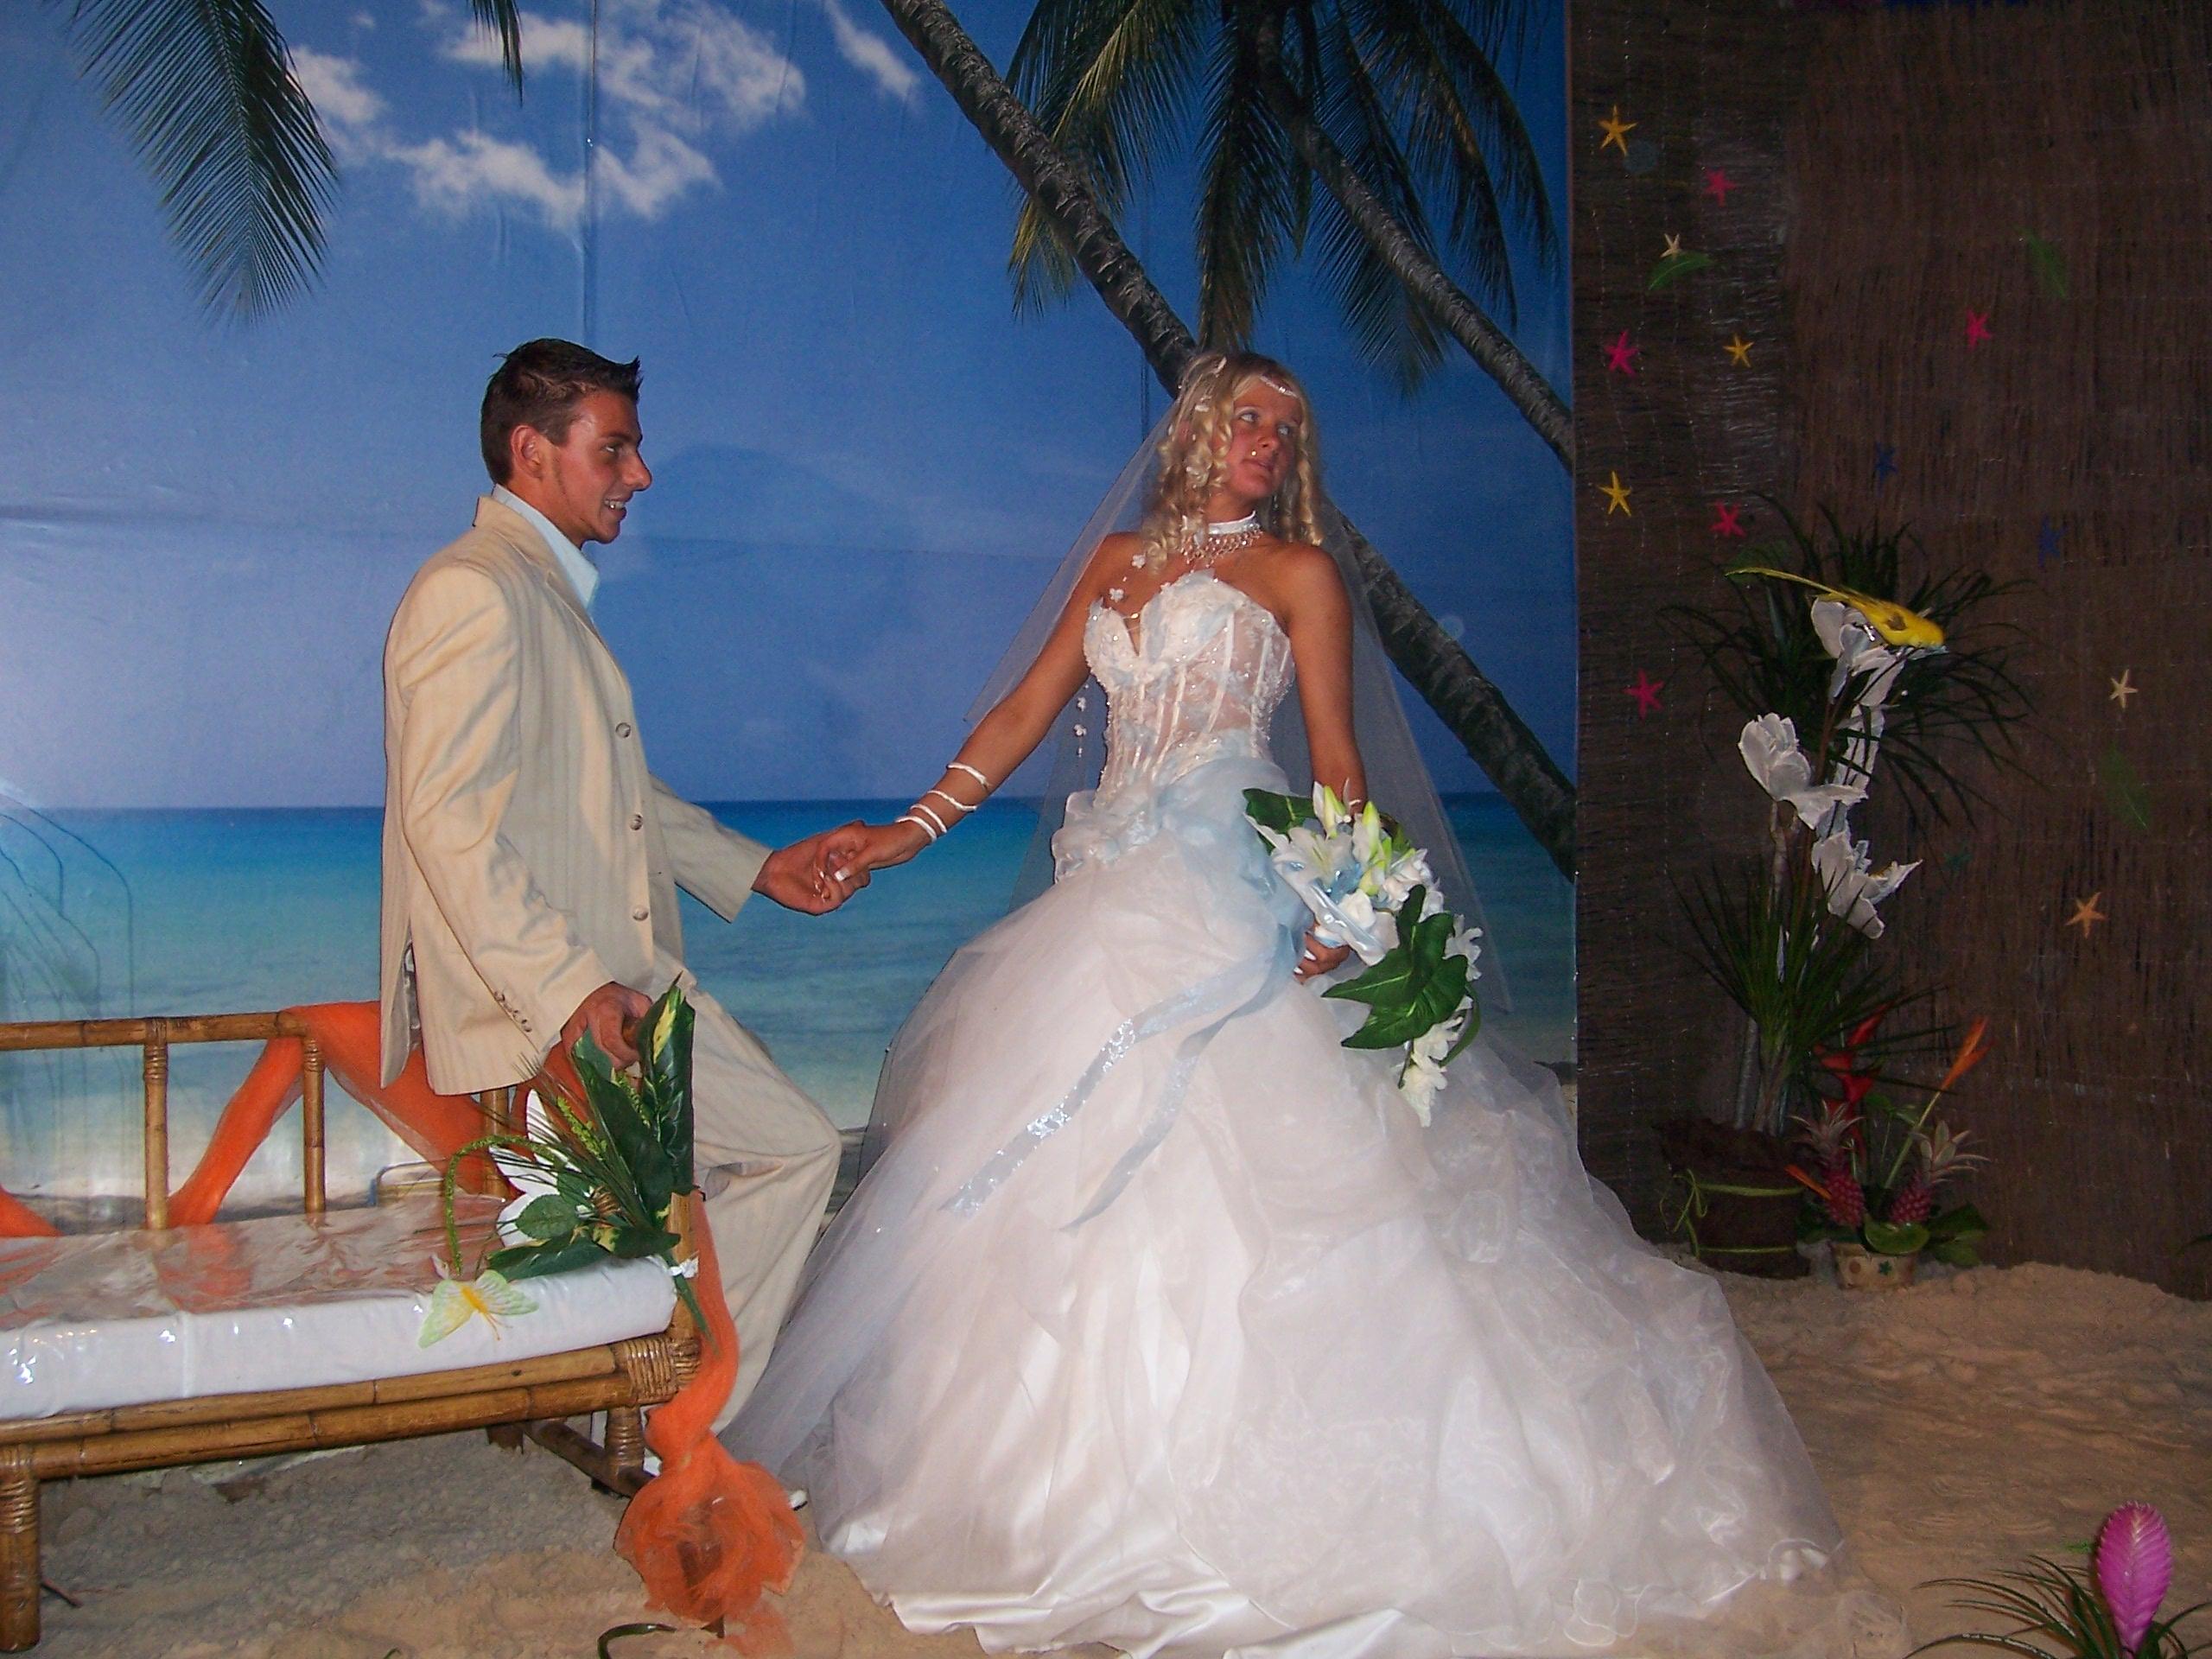 robe mariage gitan - Mariage Gitan Voyageur